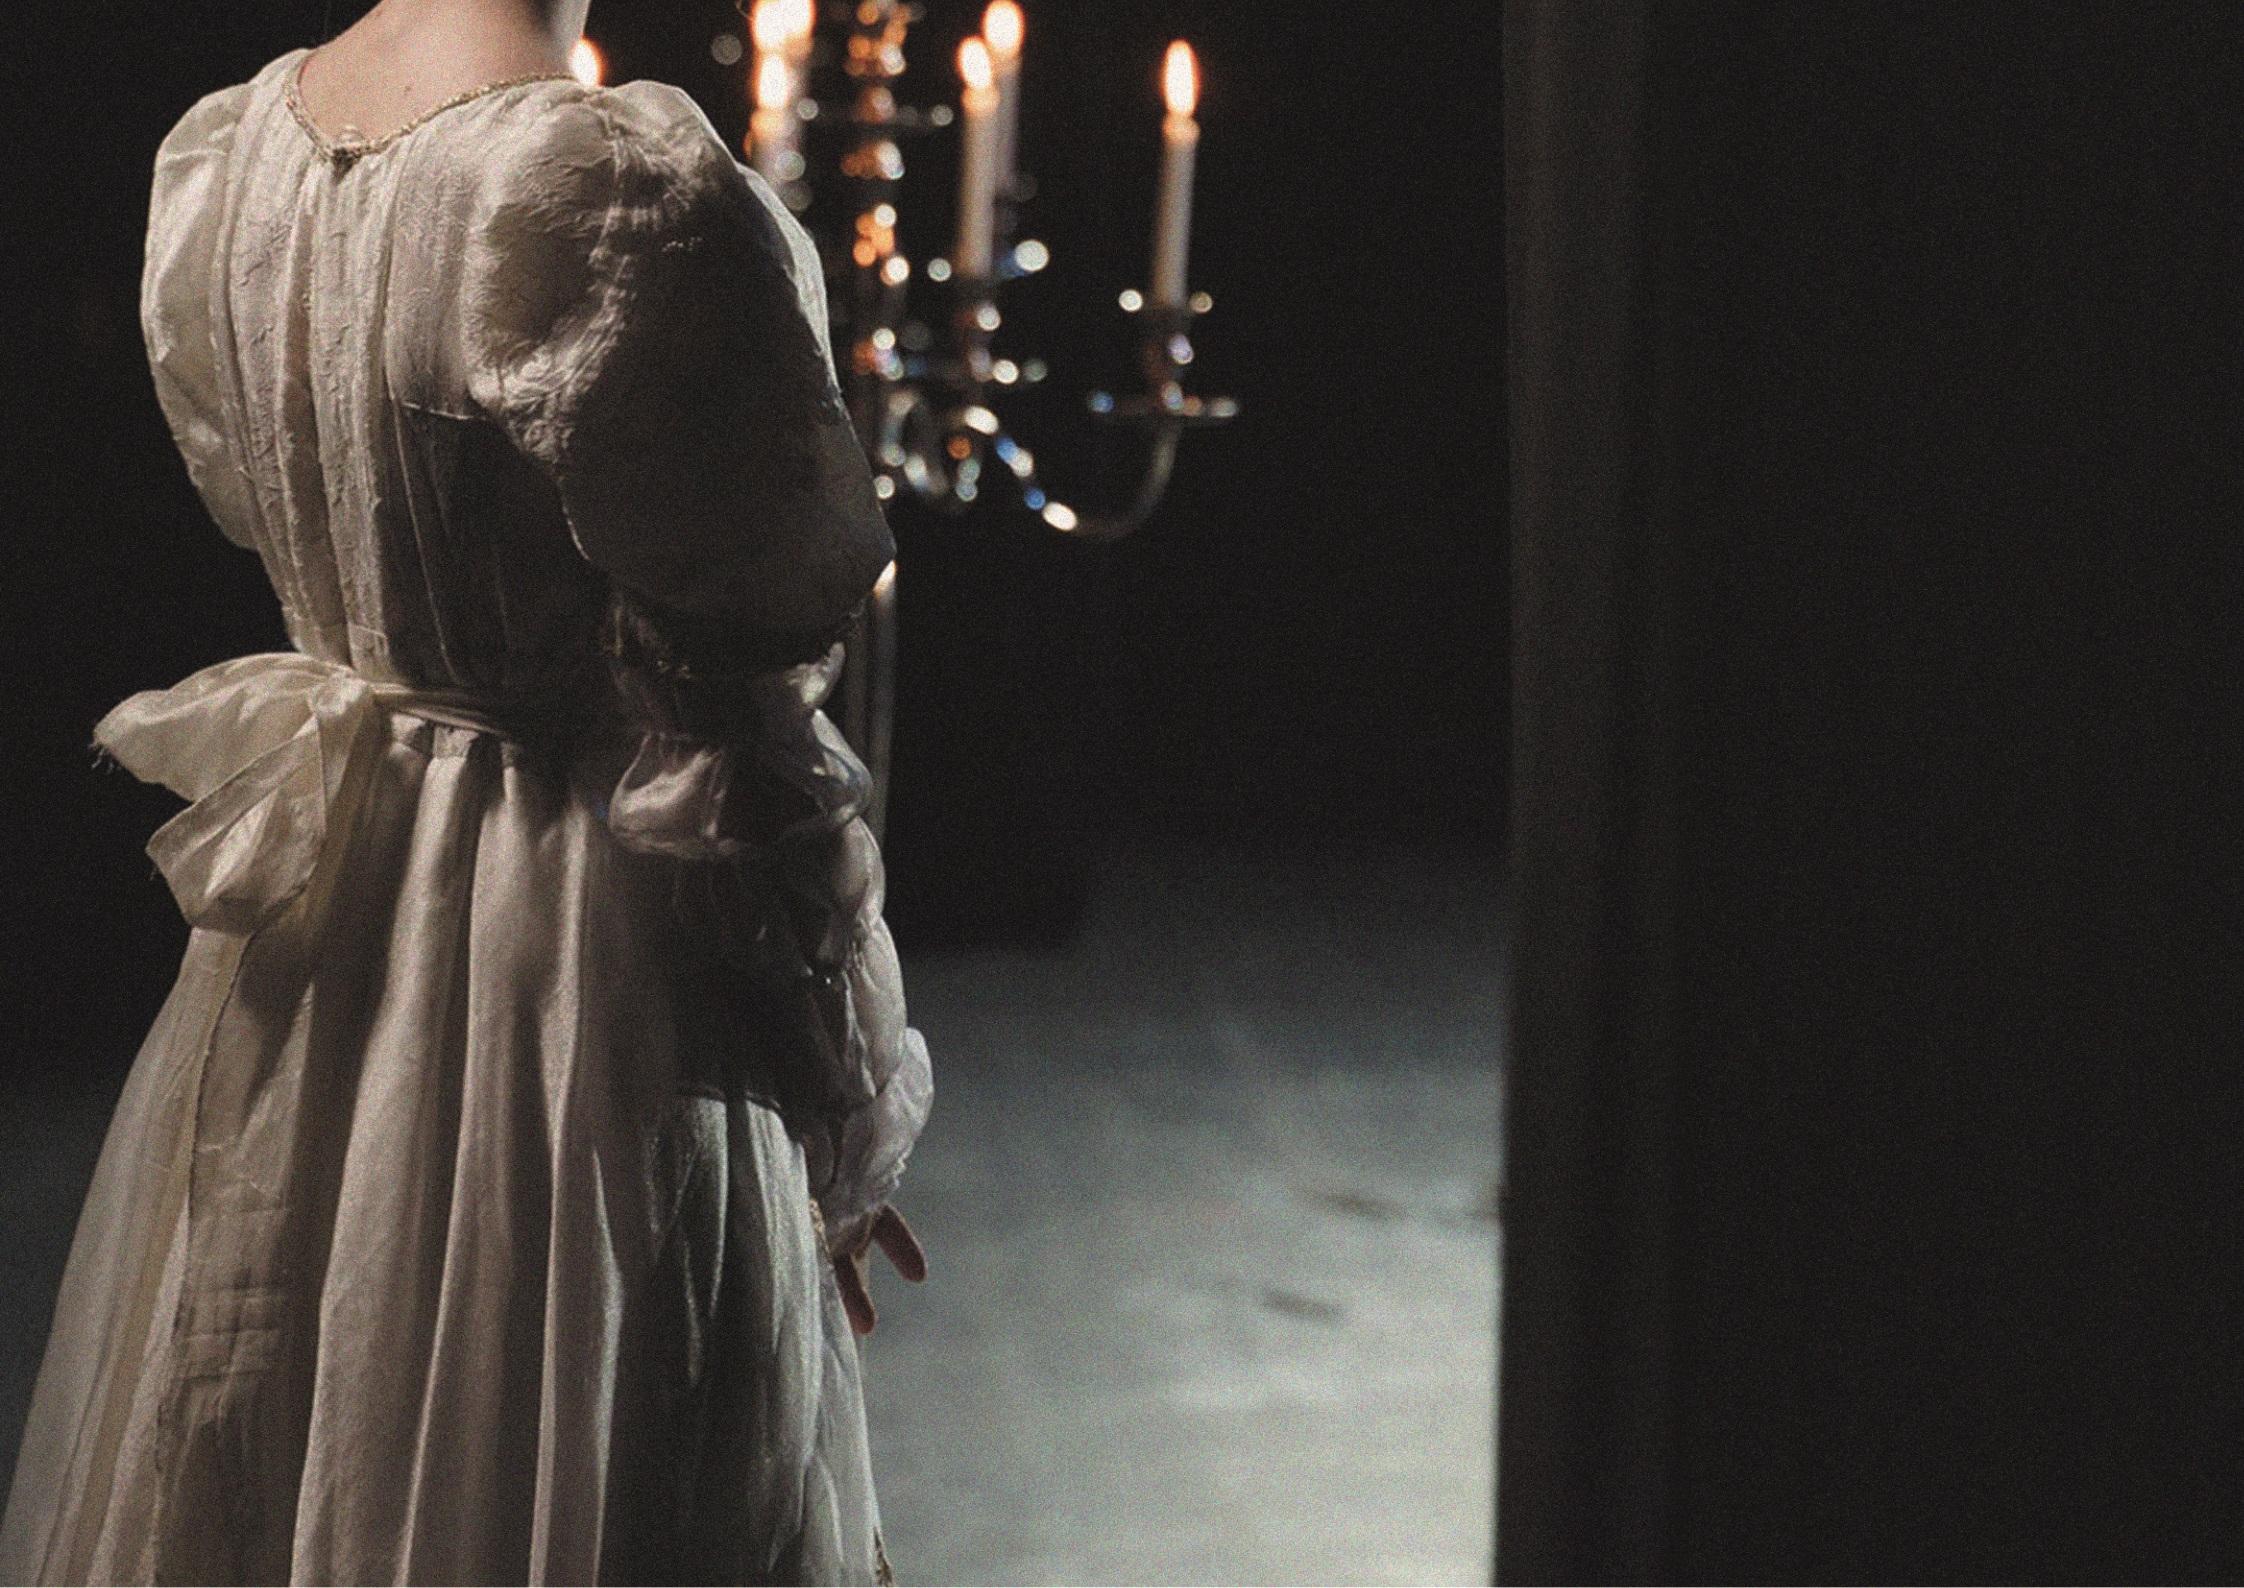 Színház: Az Öltöztető vígjátékkal indul a július a Tetőkertben